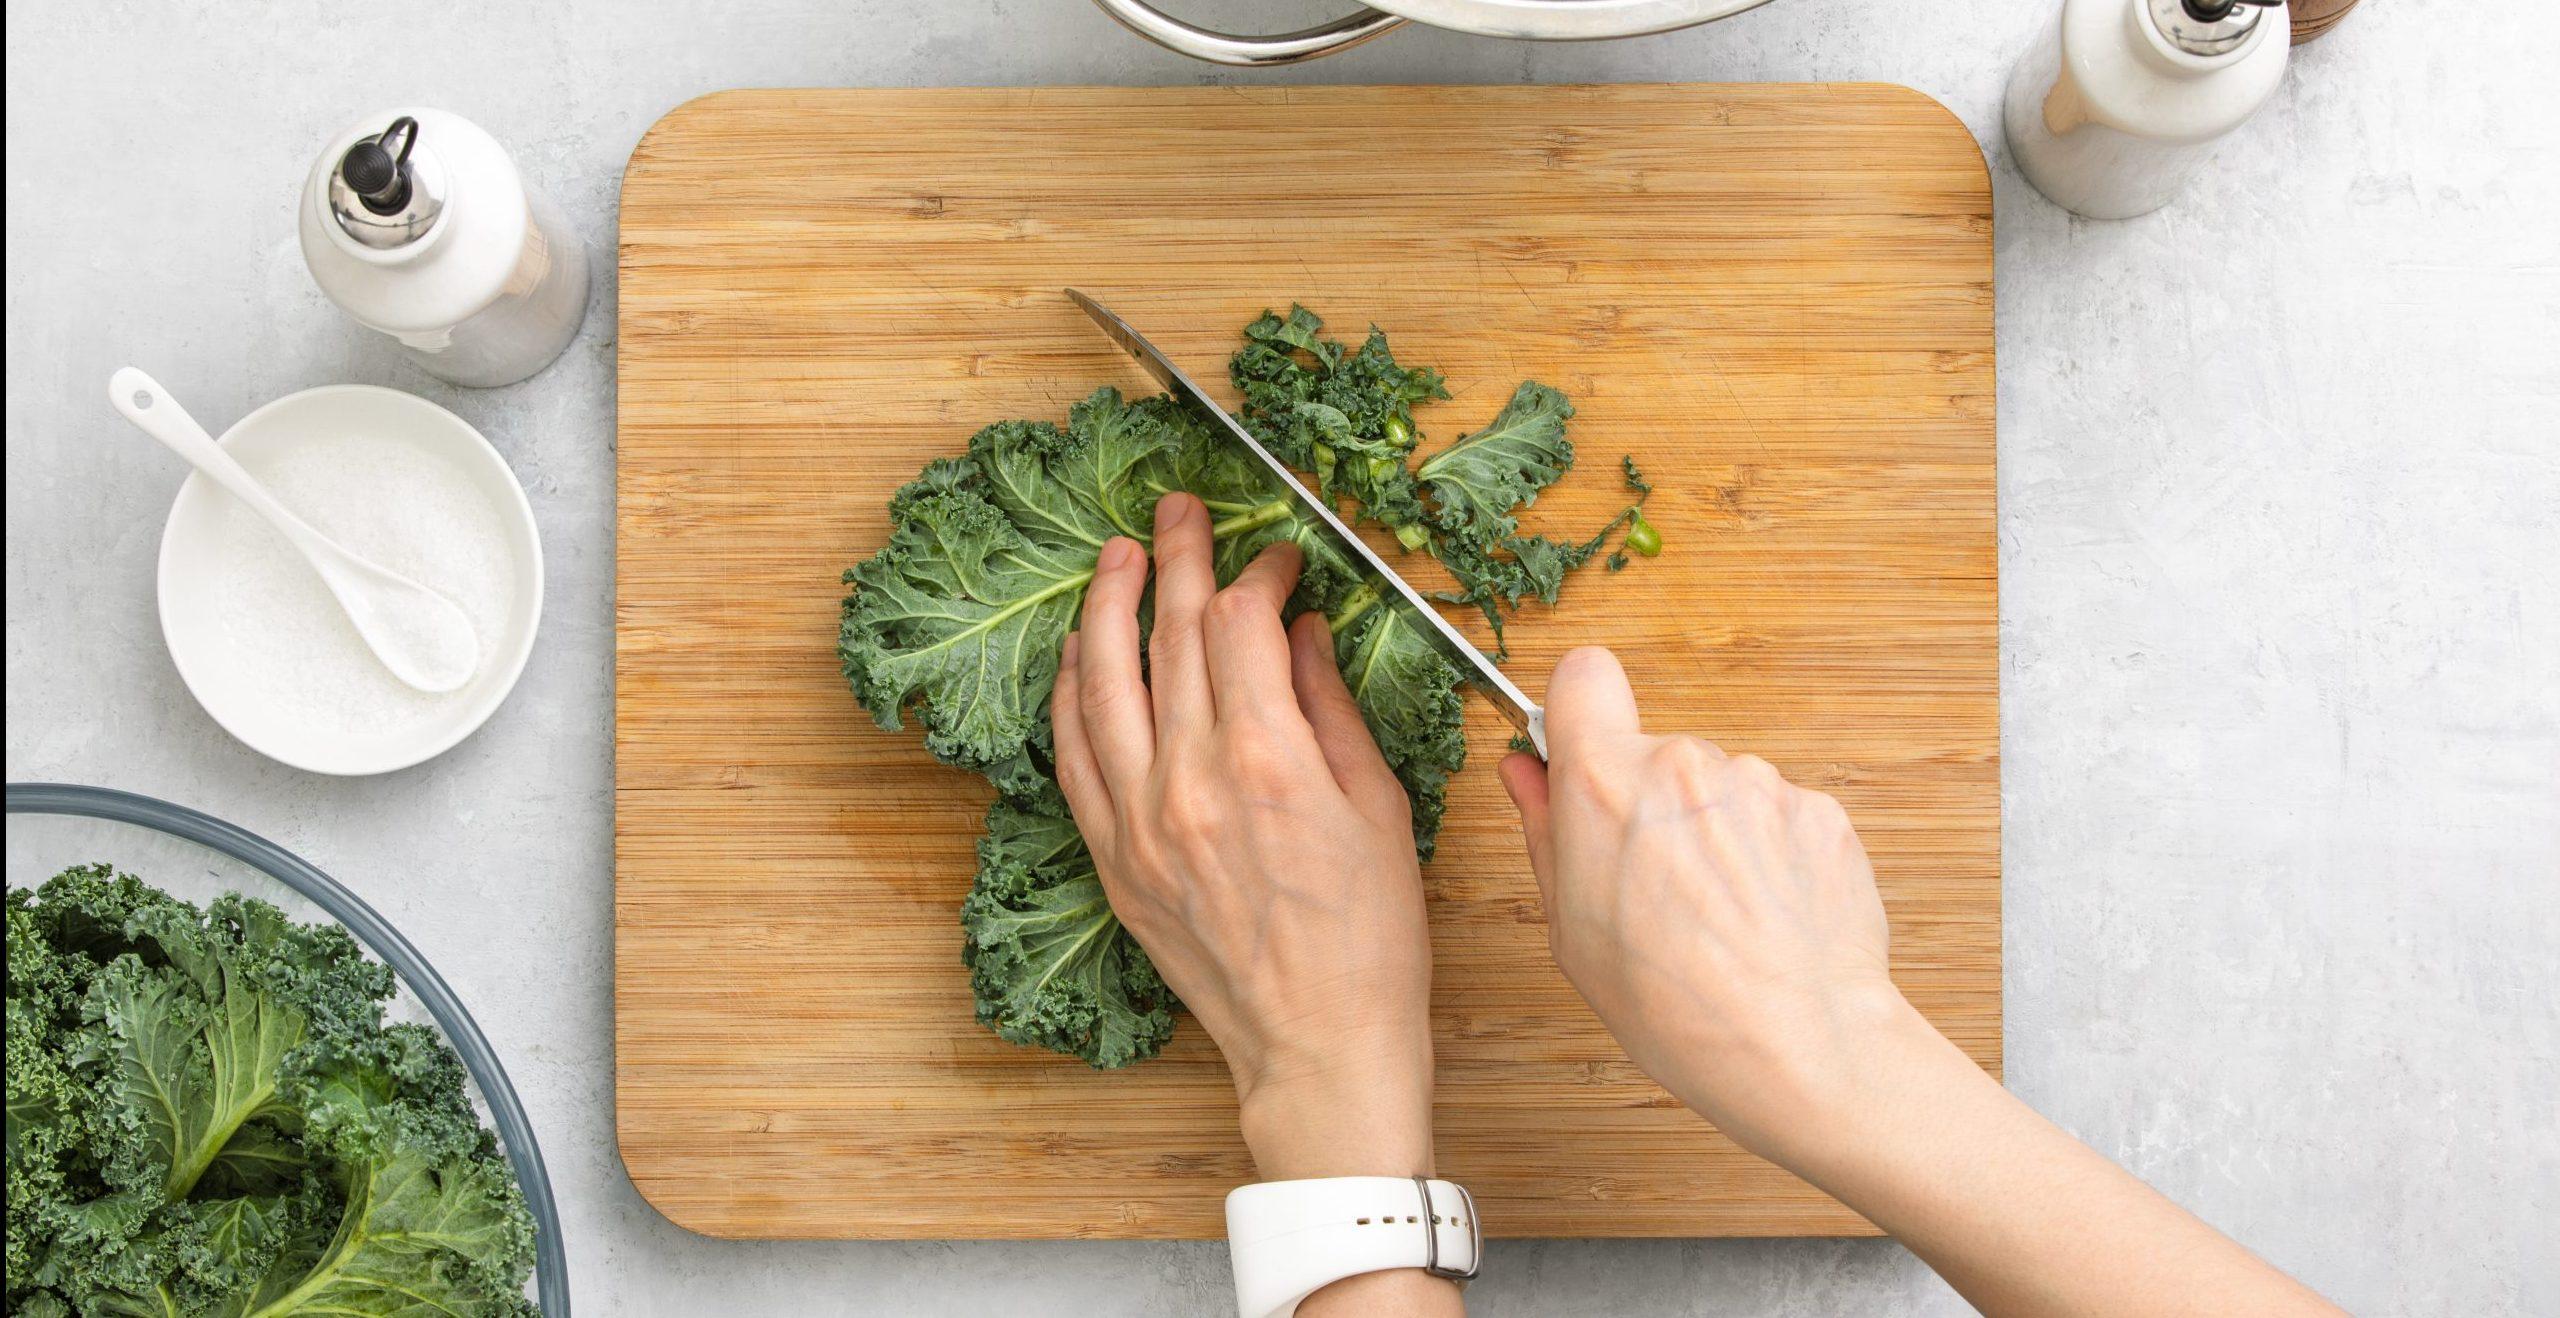 kale on a cutting board